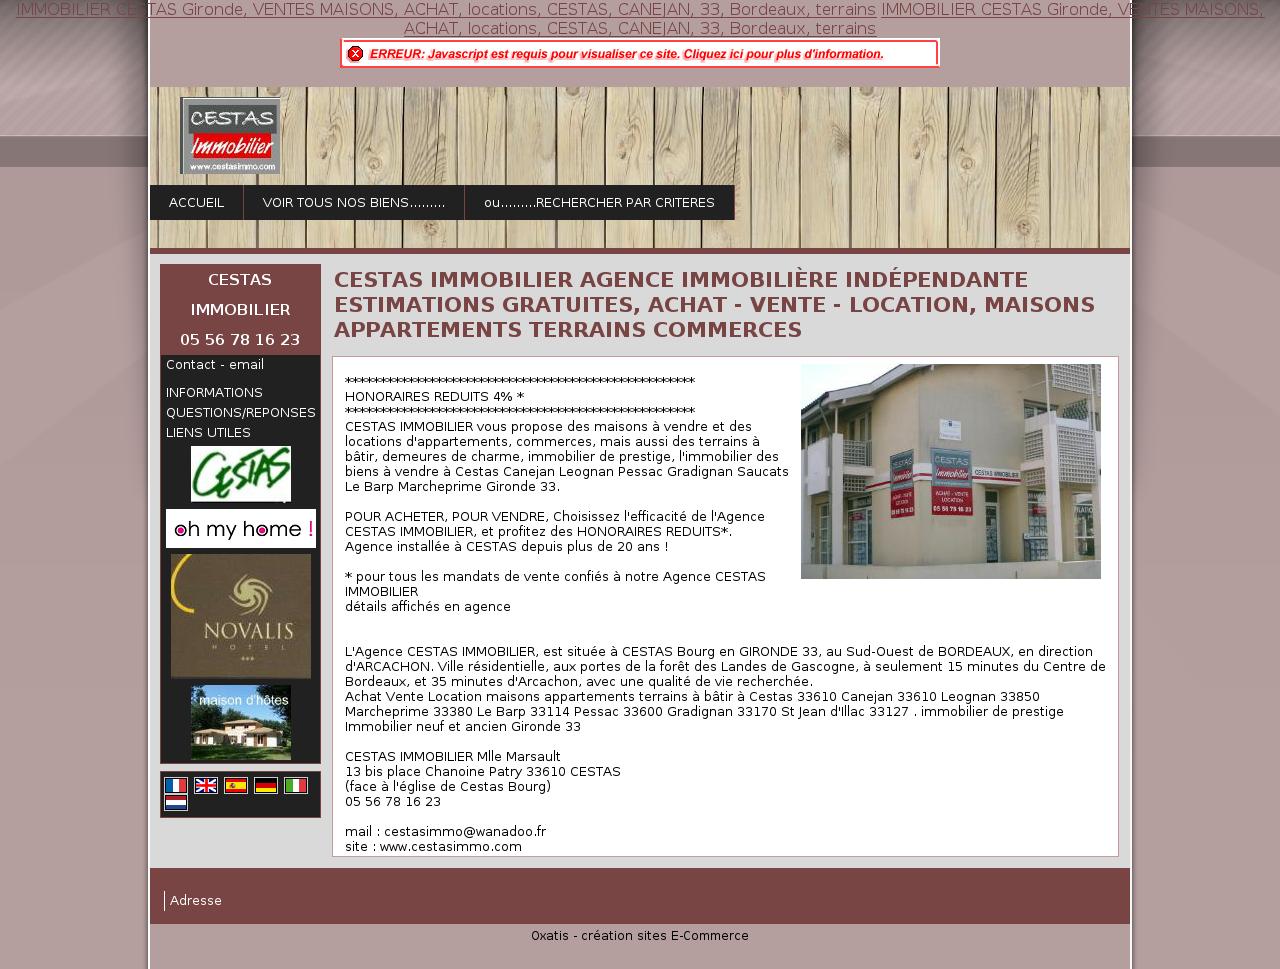 Agence clt immobilier cestas for Clt immobilier cestas